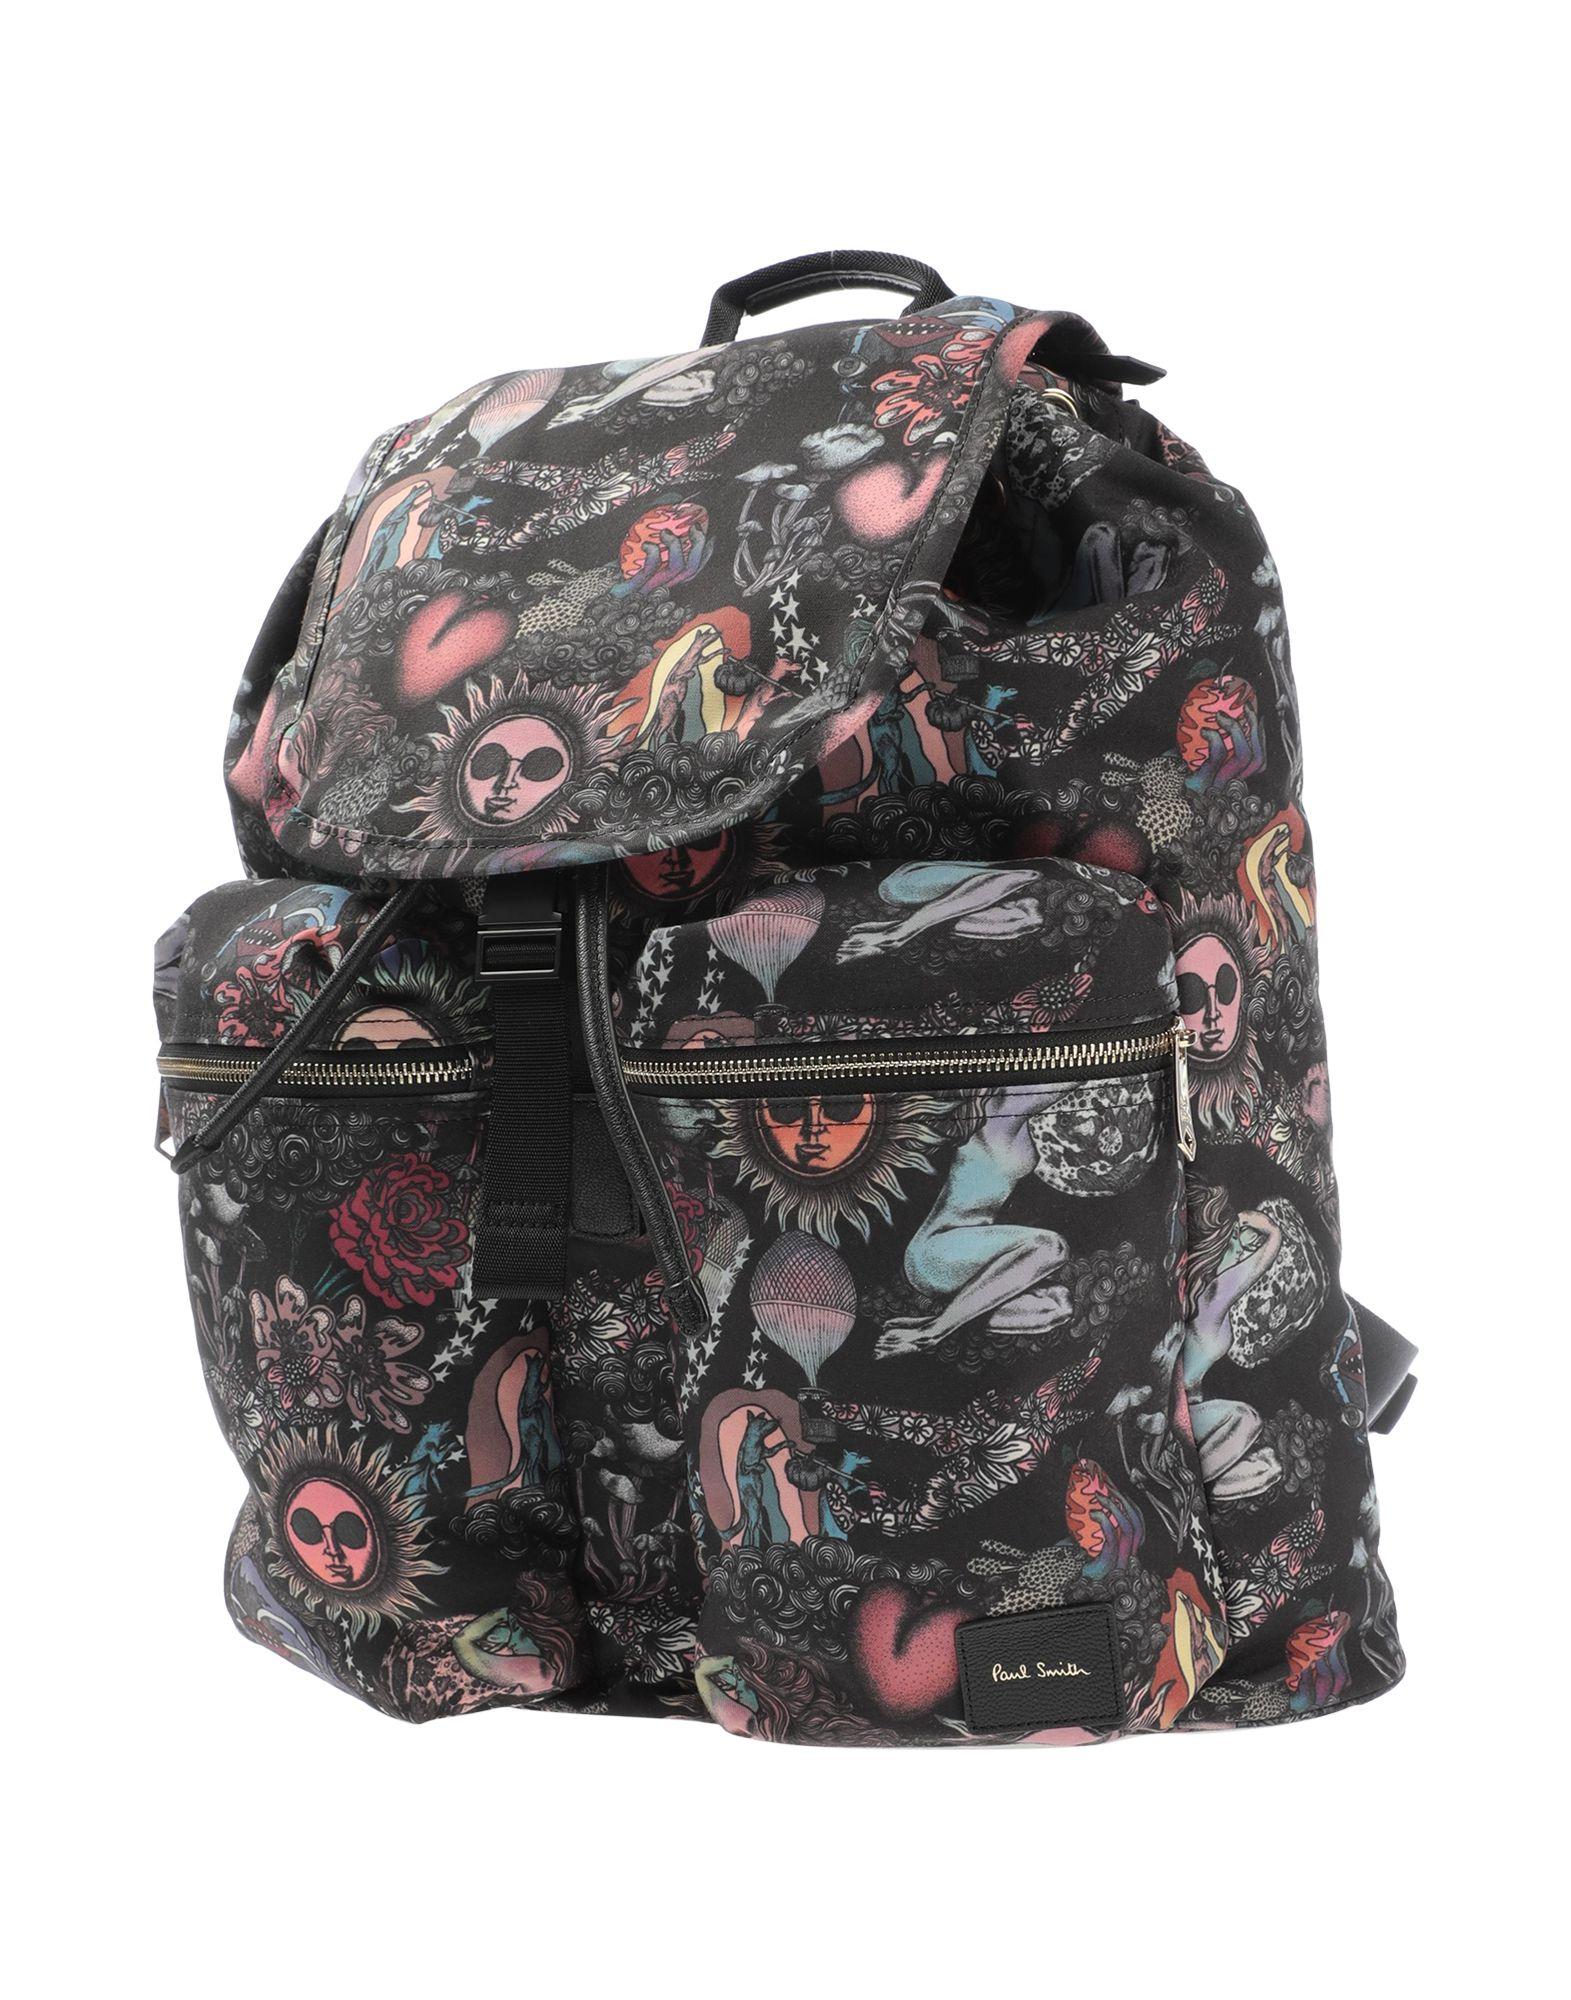 PAUL SMITH Рюкзаки и сумки на пояс